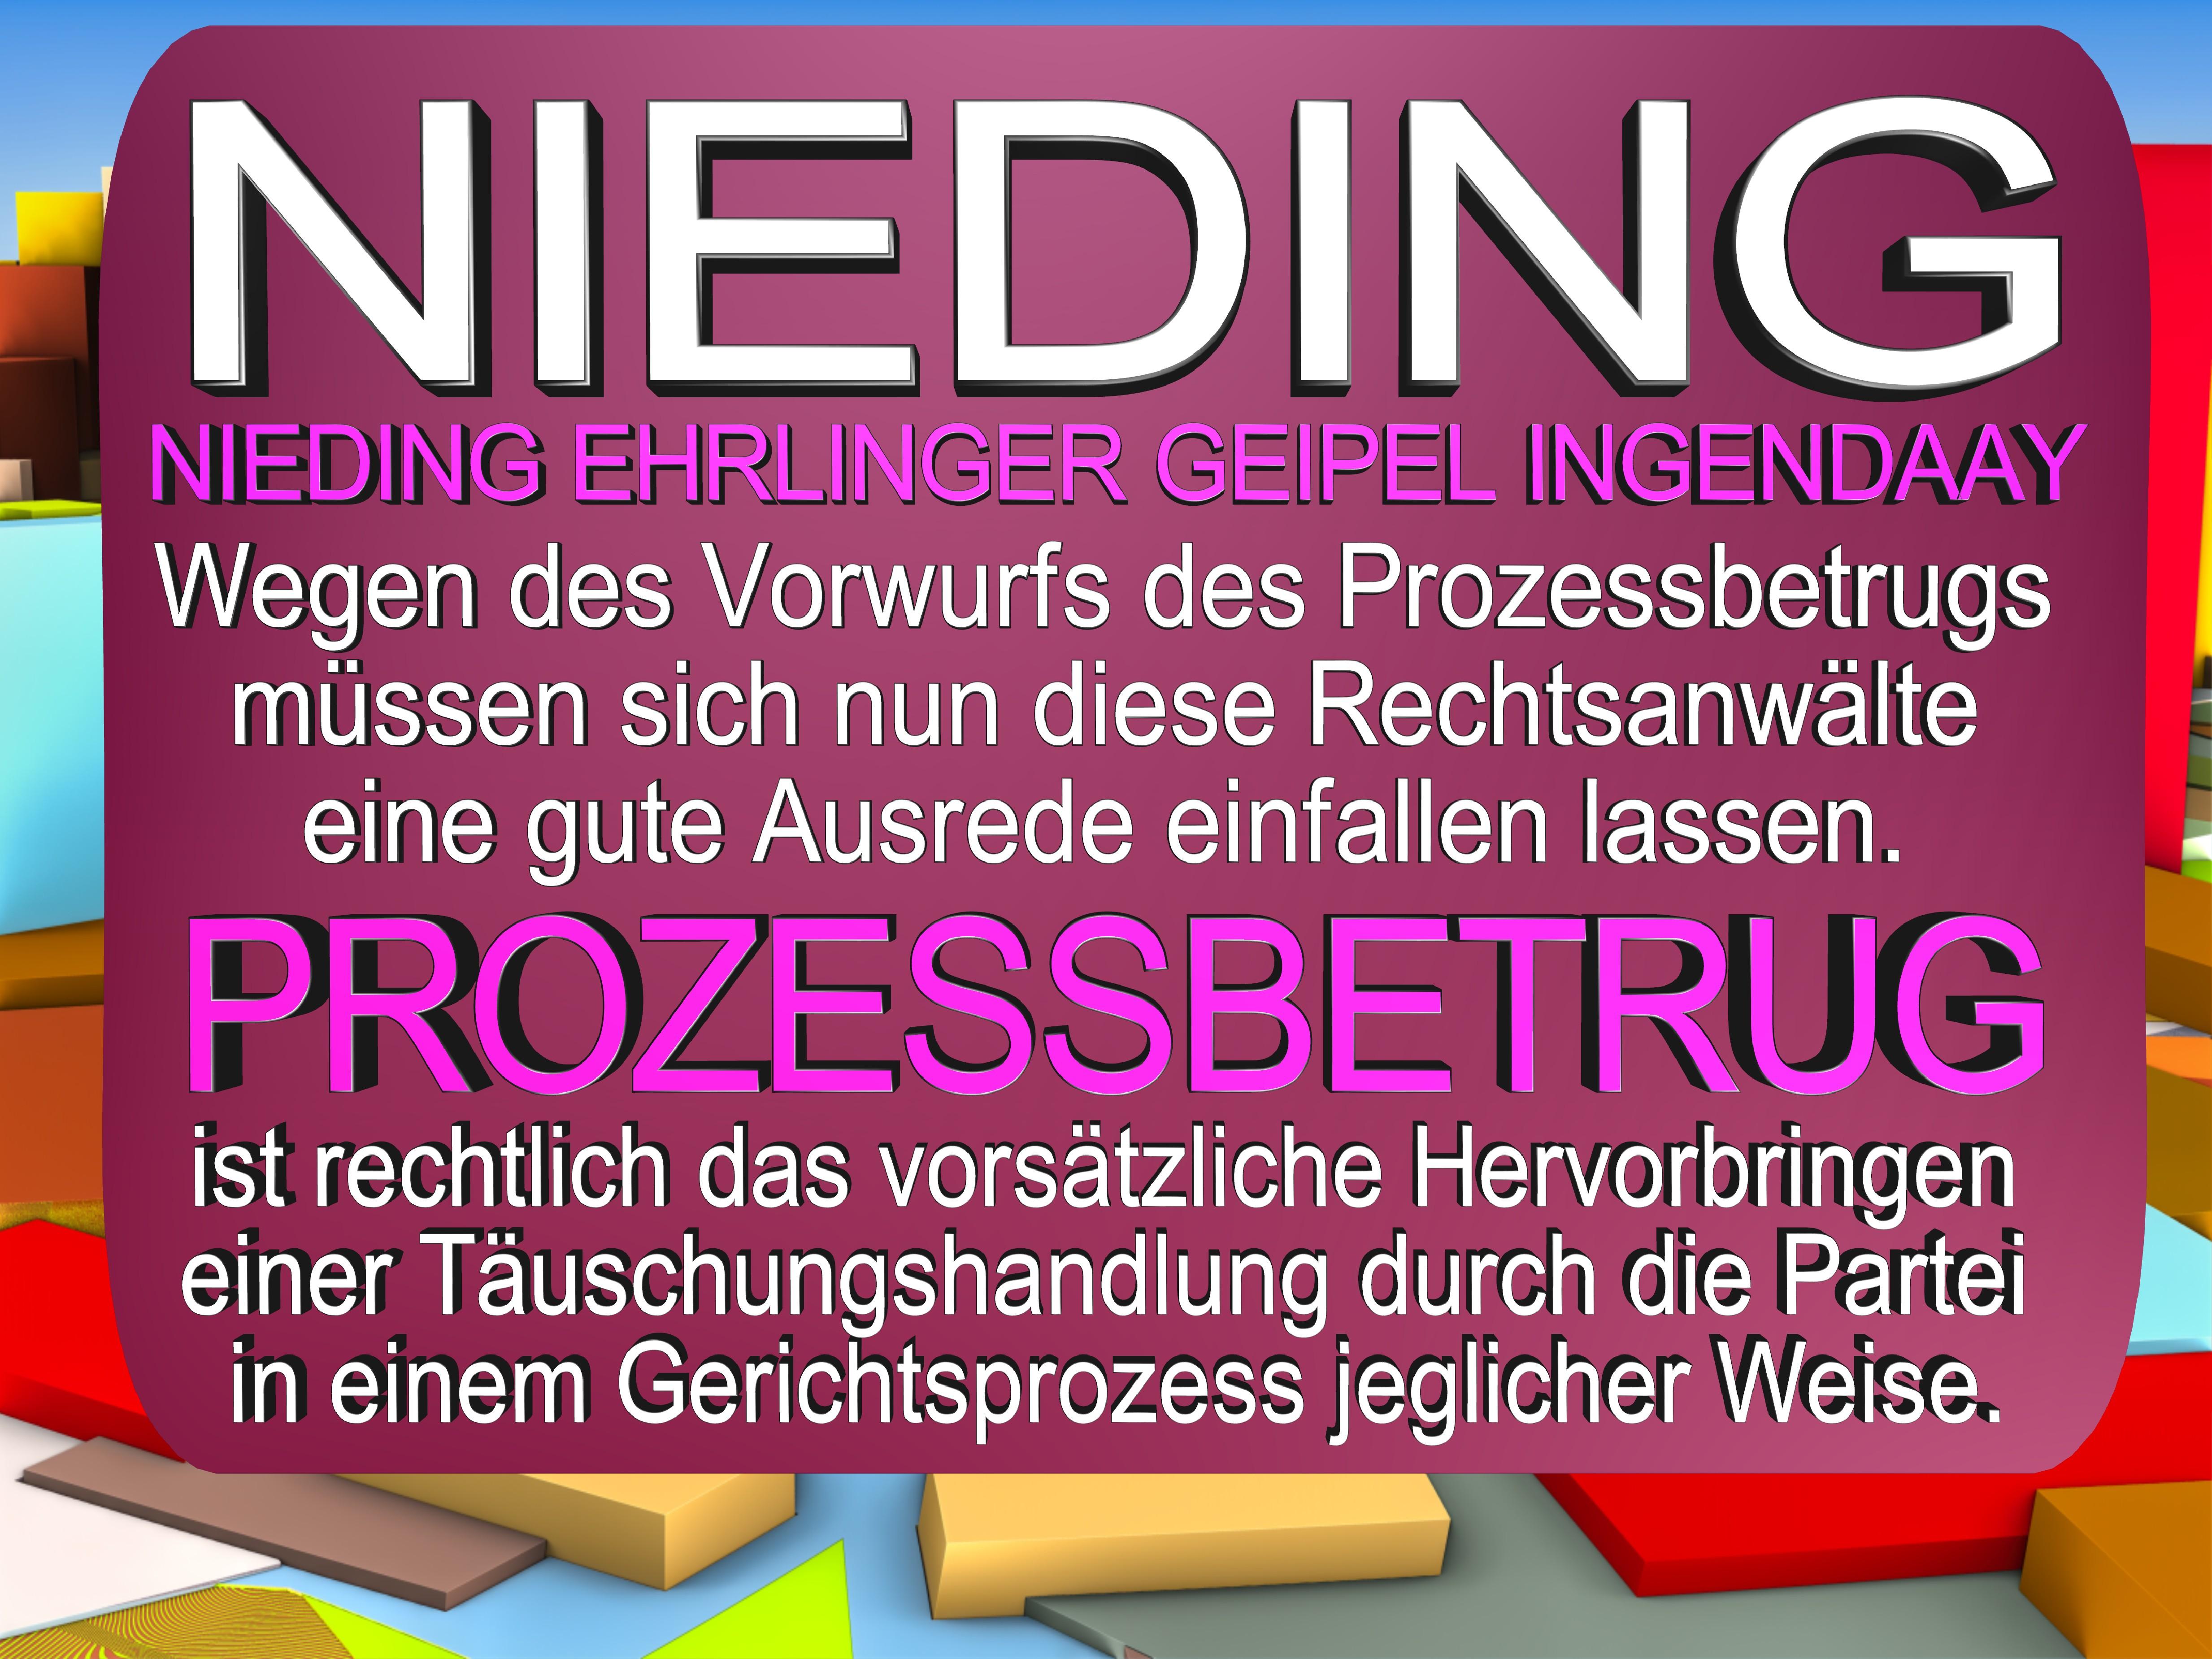 NIEDING EHRLINGER GEIPEL INGENDAAY LELKE Kurfürstendamm 66 Berlin (106)